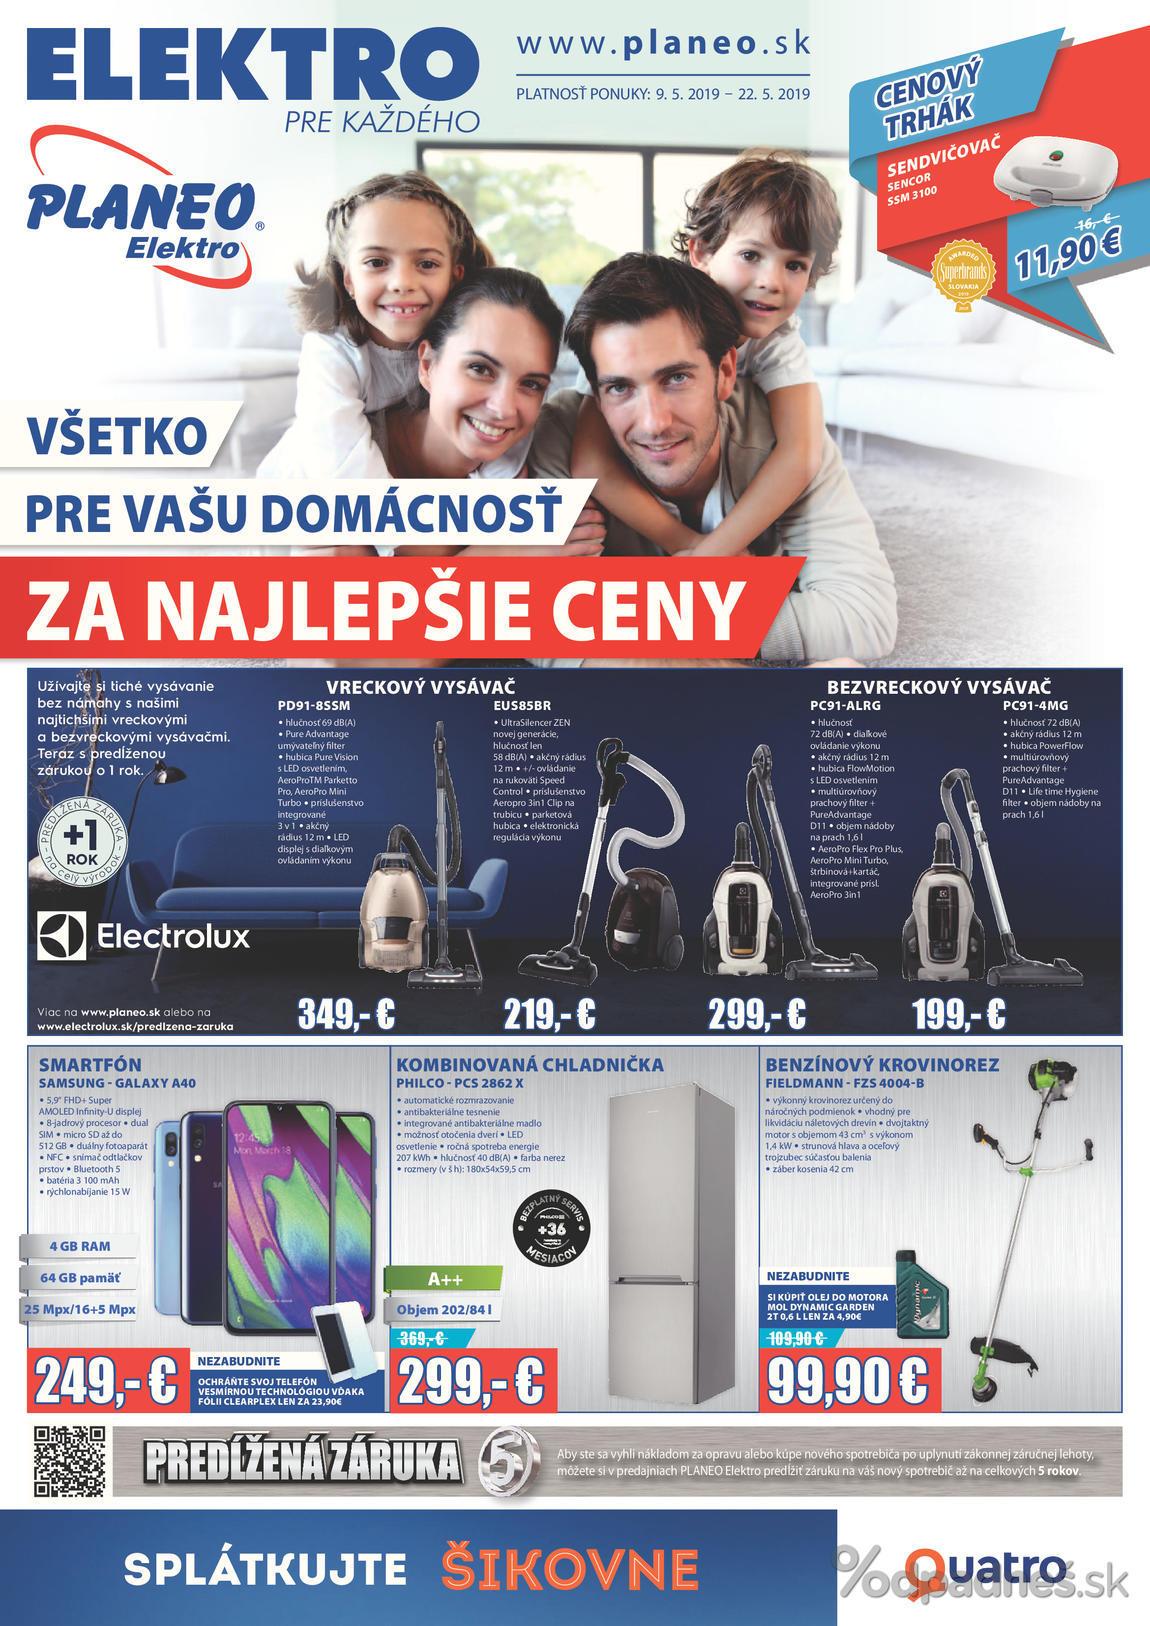 eb143b6810336 Planeo Elektro leták platný do 22.5.2019 | Letákovo.sk